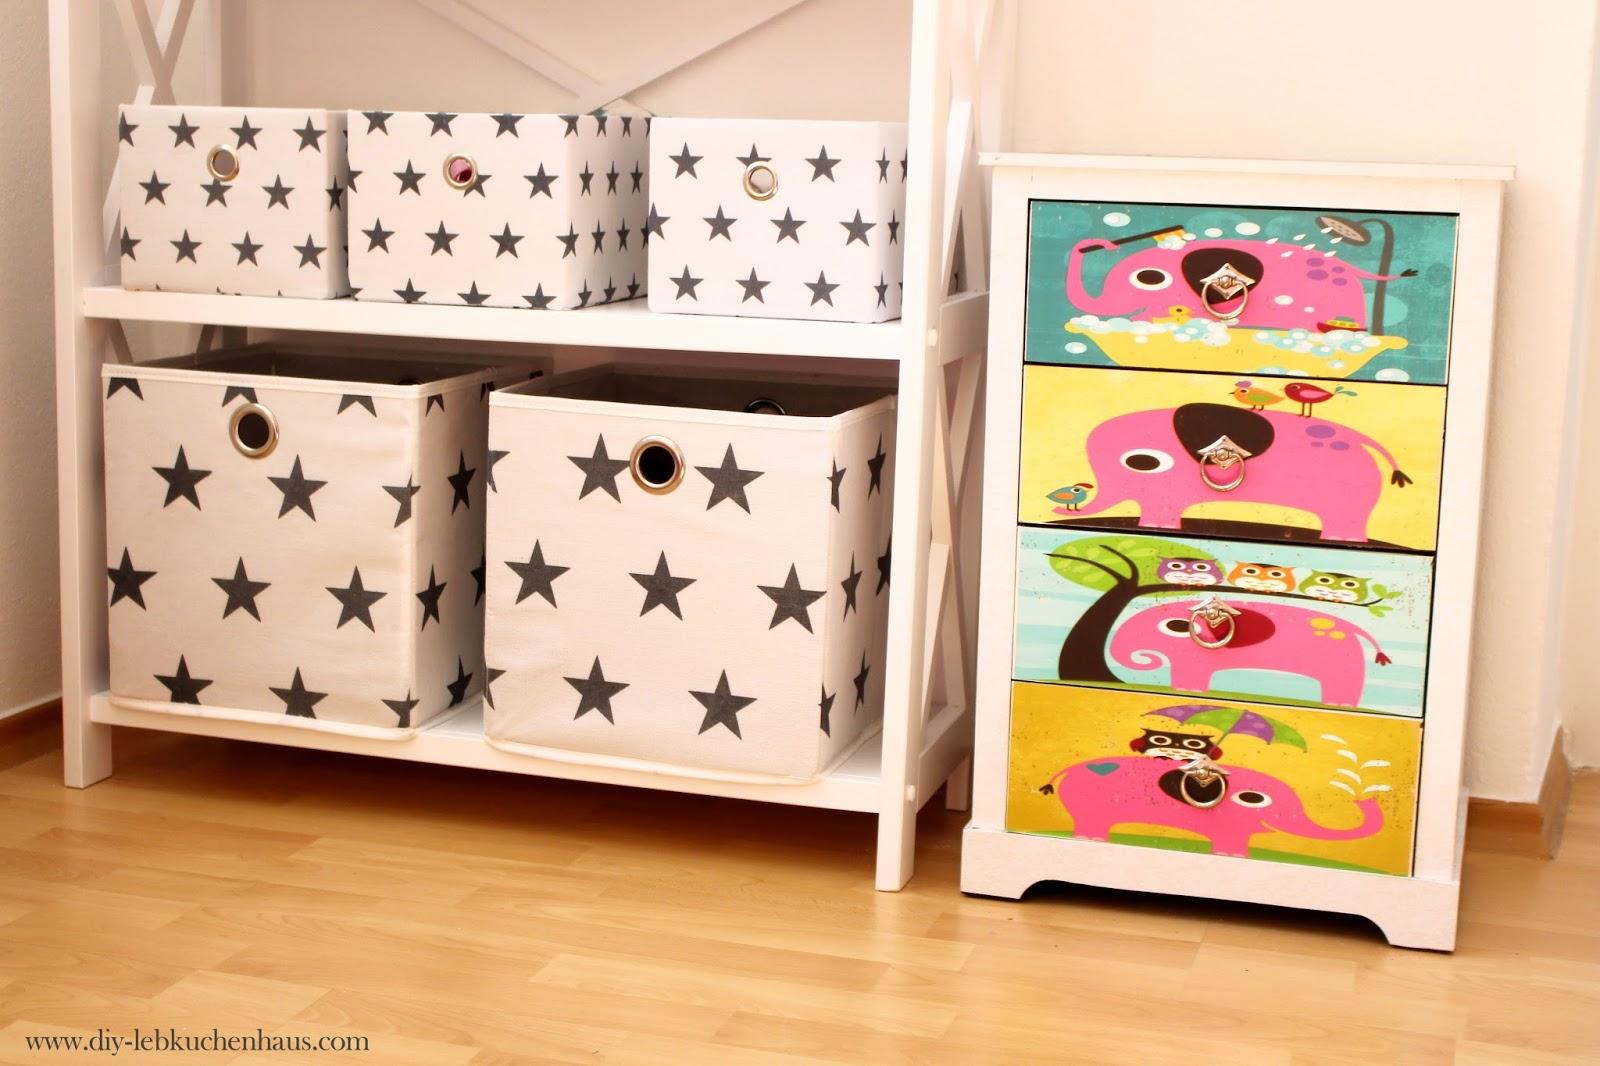 Full Size of Aufbewahrungssysteme Kinderzimmer Ikea Spielzeug Aufbewahrung Aufbewahrungskorb Gross Grau Regal Gebraucht Rosa Aufbewahrungssystem Aufbewahrungsboxen Kinderzimmer Kinderzimmer Aufbewahrung